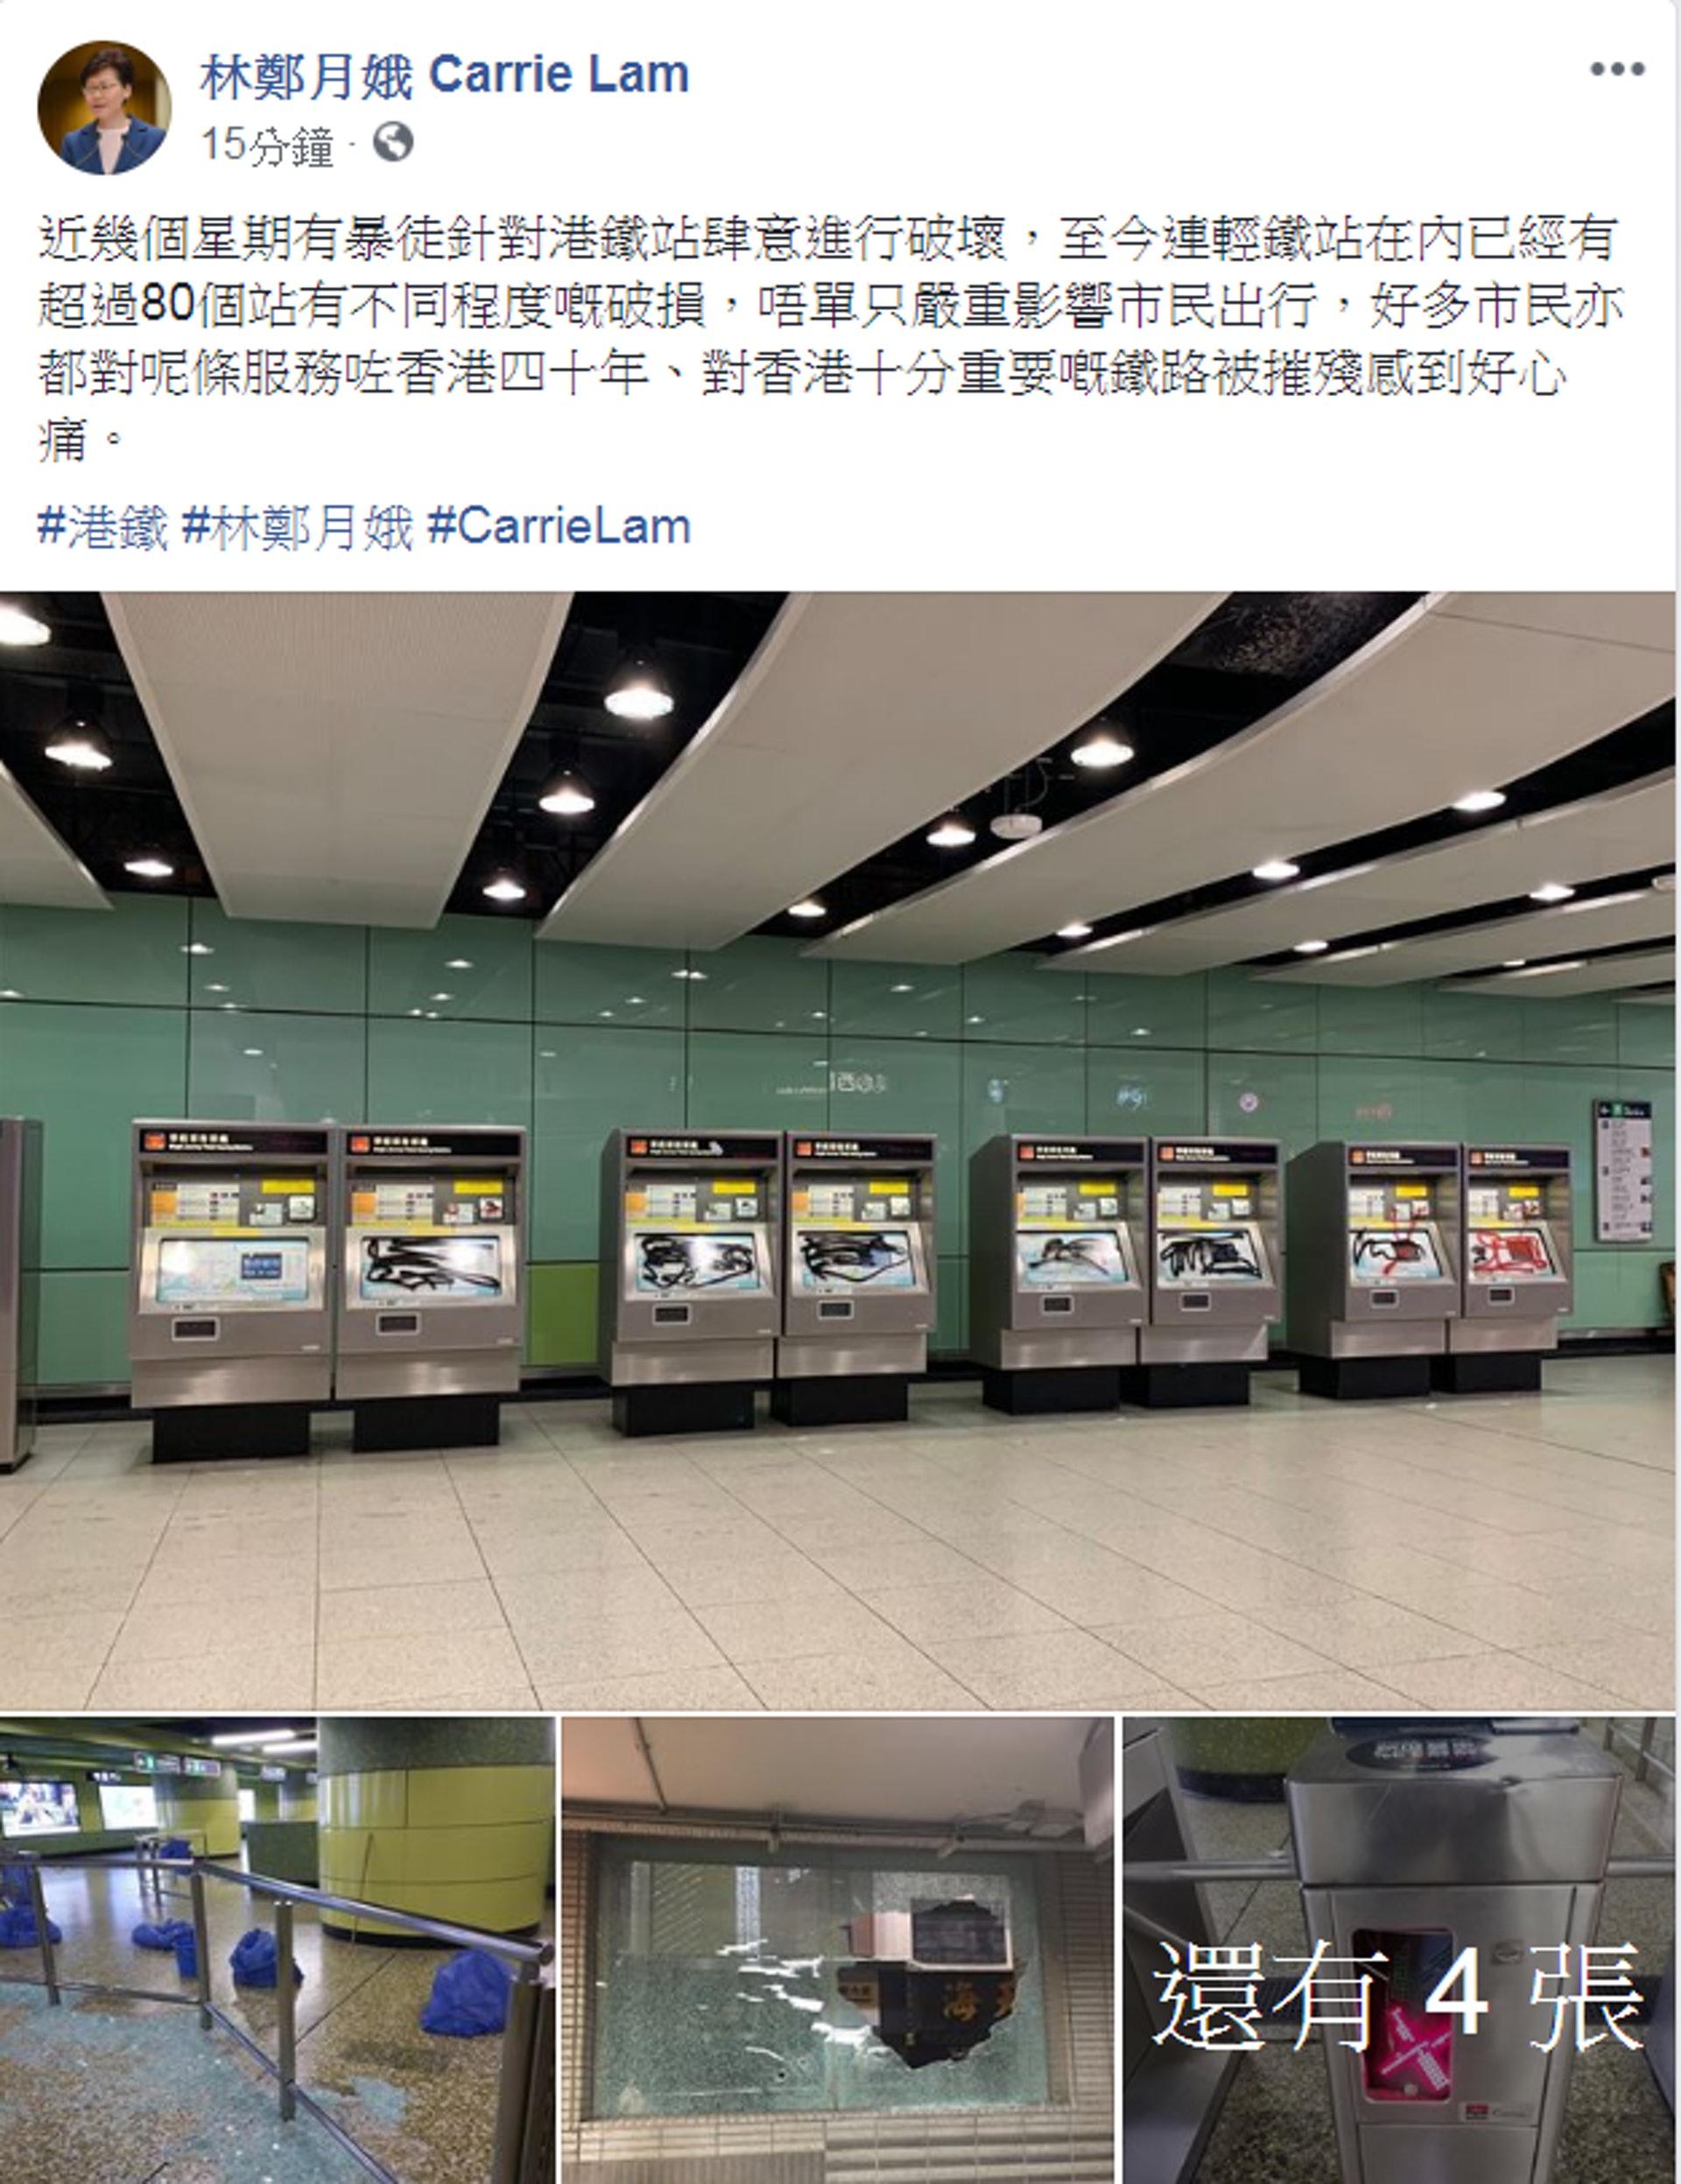 林鄭月娥晚上在facebook發帖文表示,近幾星期有暴徒針對港鐵站肆意進行破壞,嚴重影響市民出行。該帖文更附有多張港鐵站被損壞的相片。(林鄭月娥facebook)